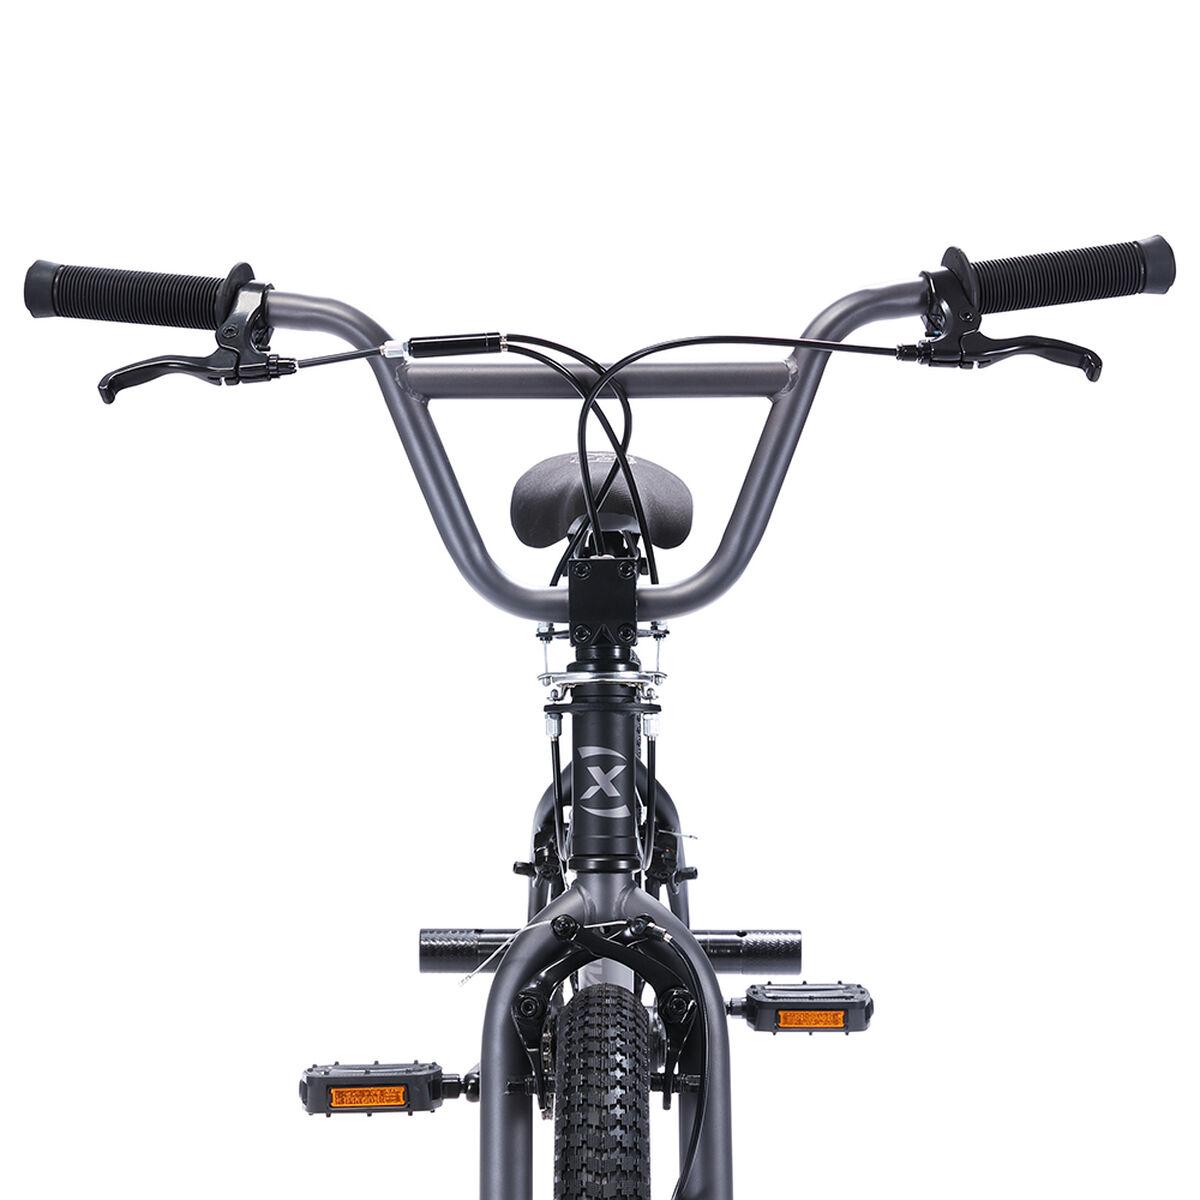 Bicicleta Infantil Oxford Spine - Freestyle Aro 20